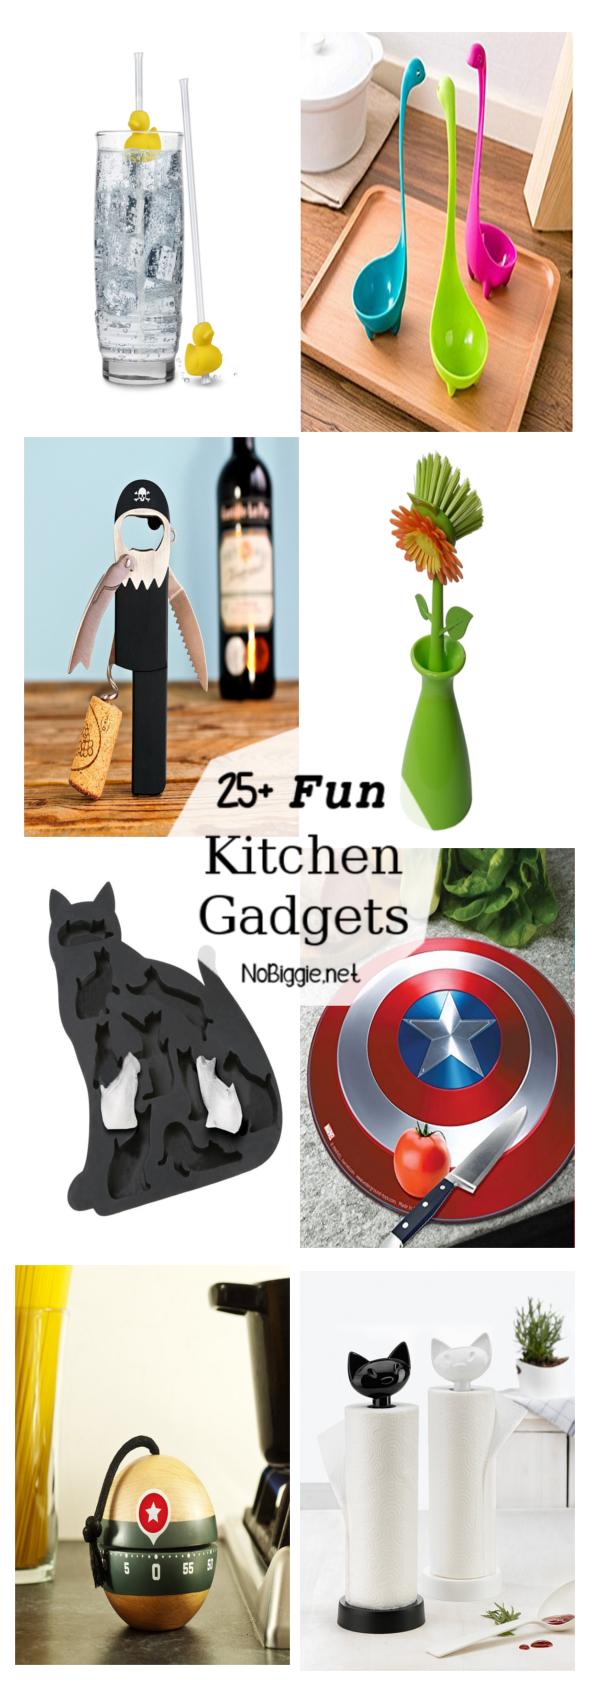 25+ Fun Kitchen Gadgets | NoBiggie.net